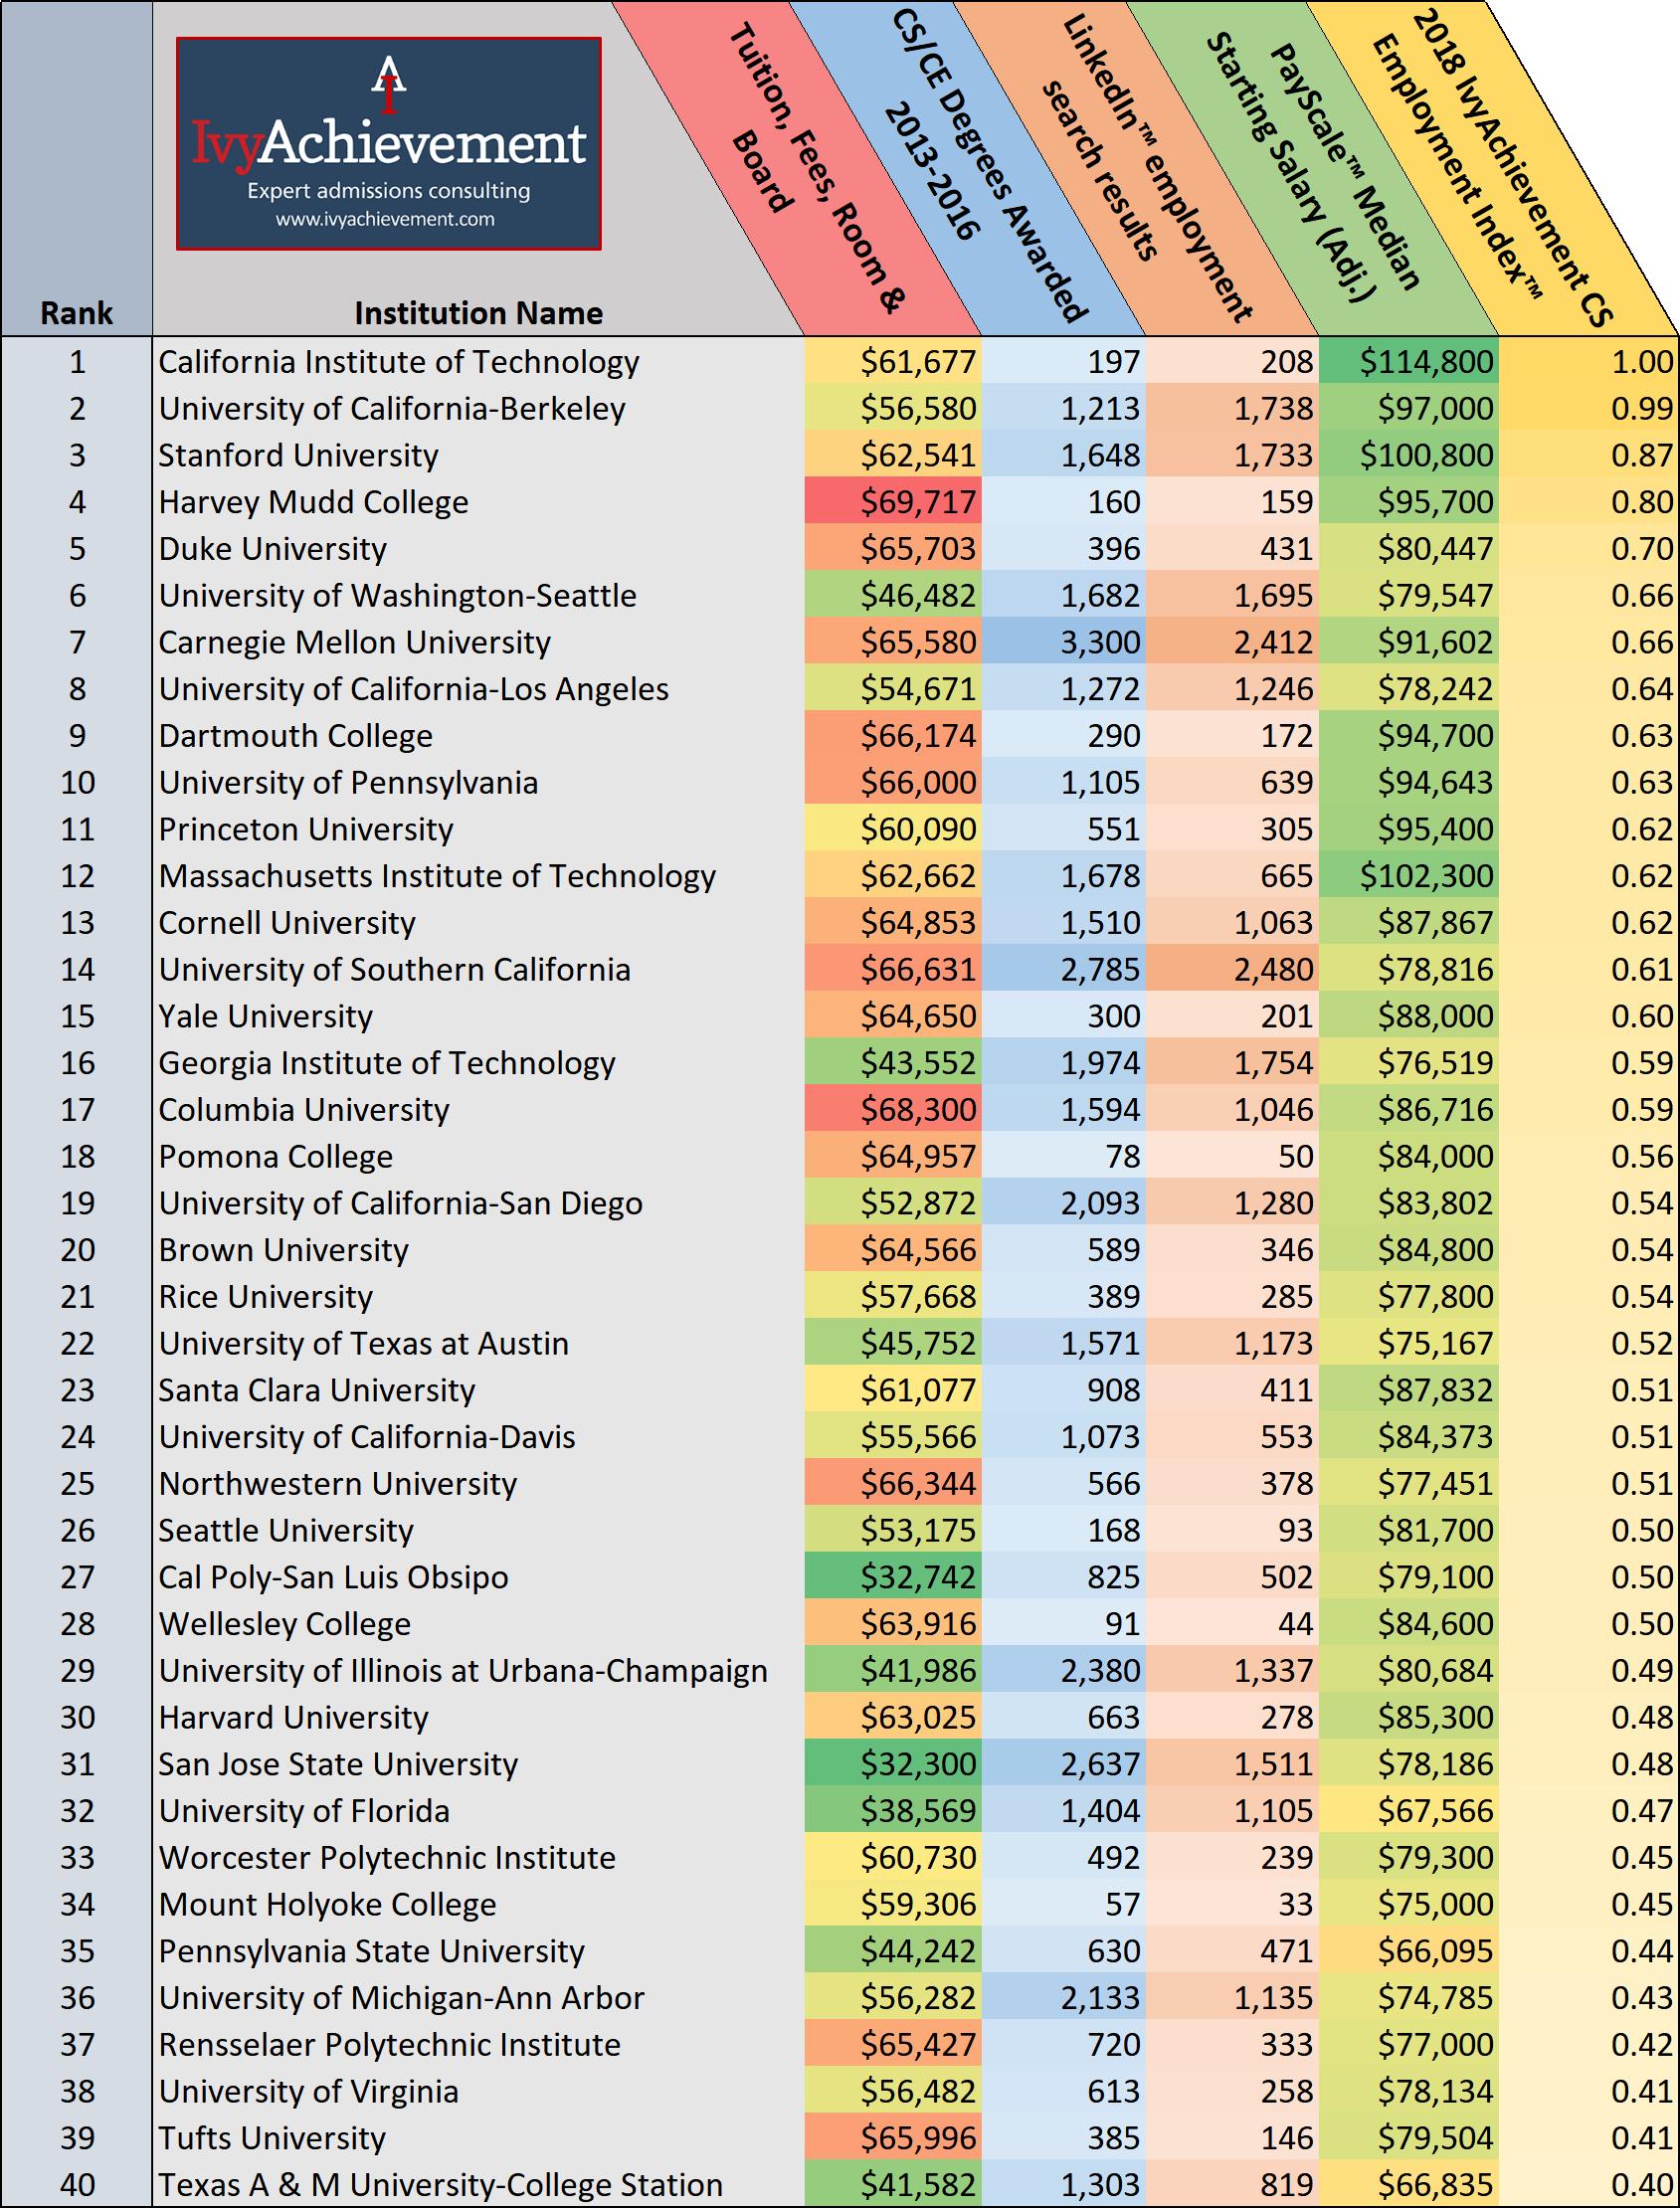 IvyAchievement CS Employment Top 40